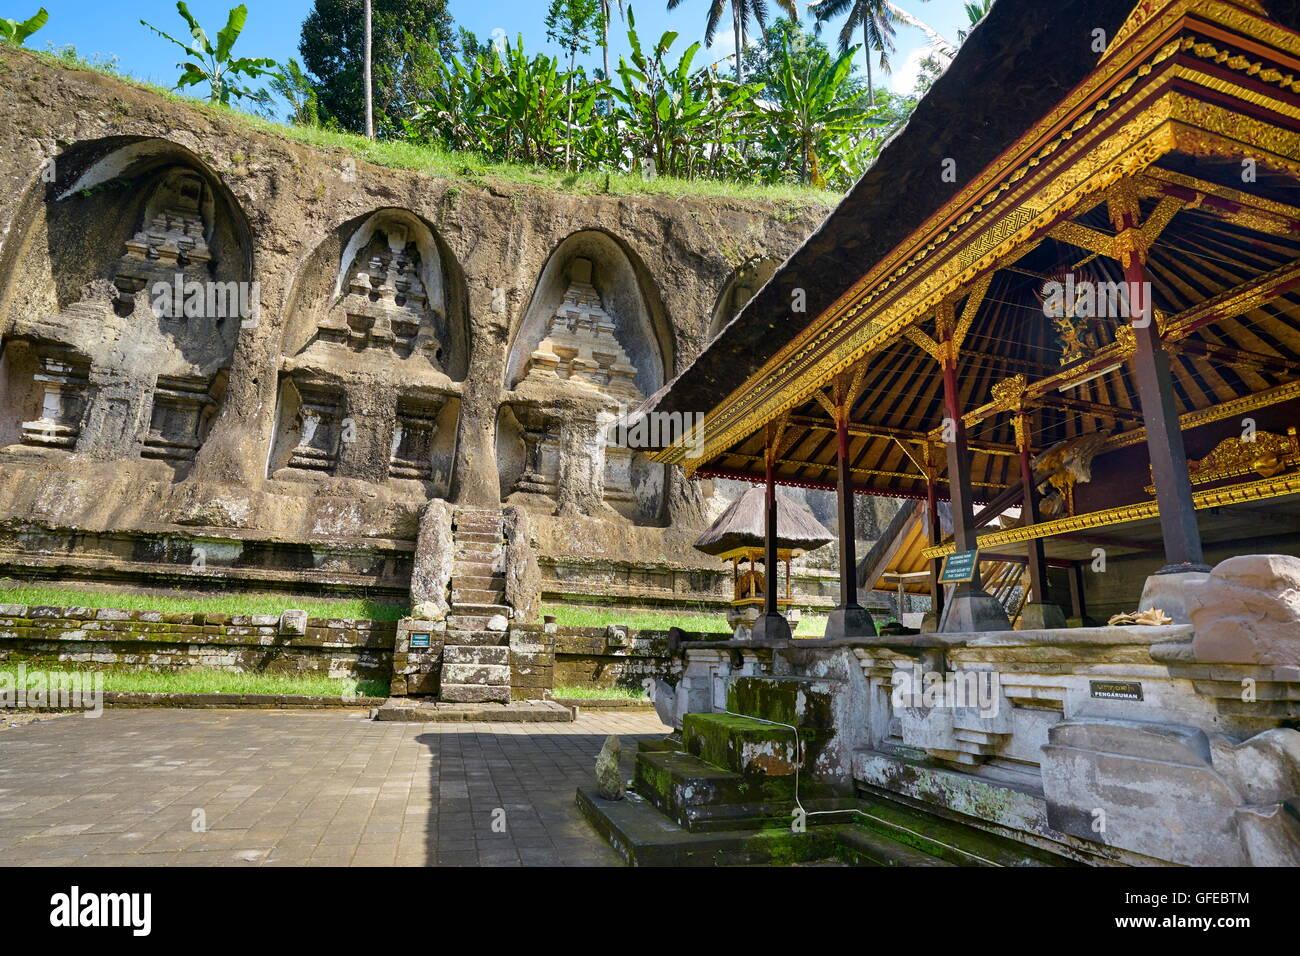 Ancient royal tombs at Gunung Kawi Temple, Bali, Indonesia - Stock Image